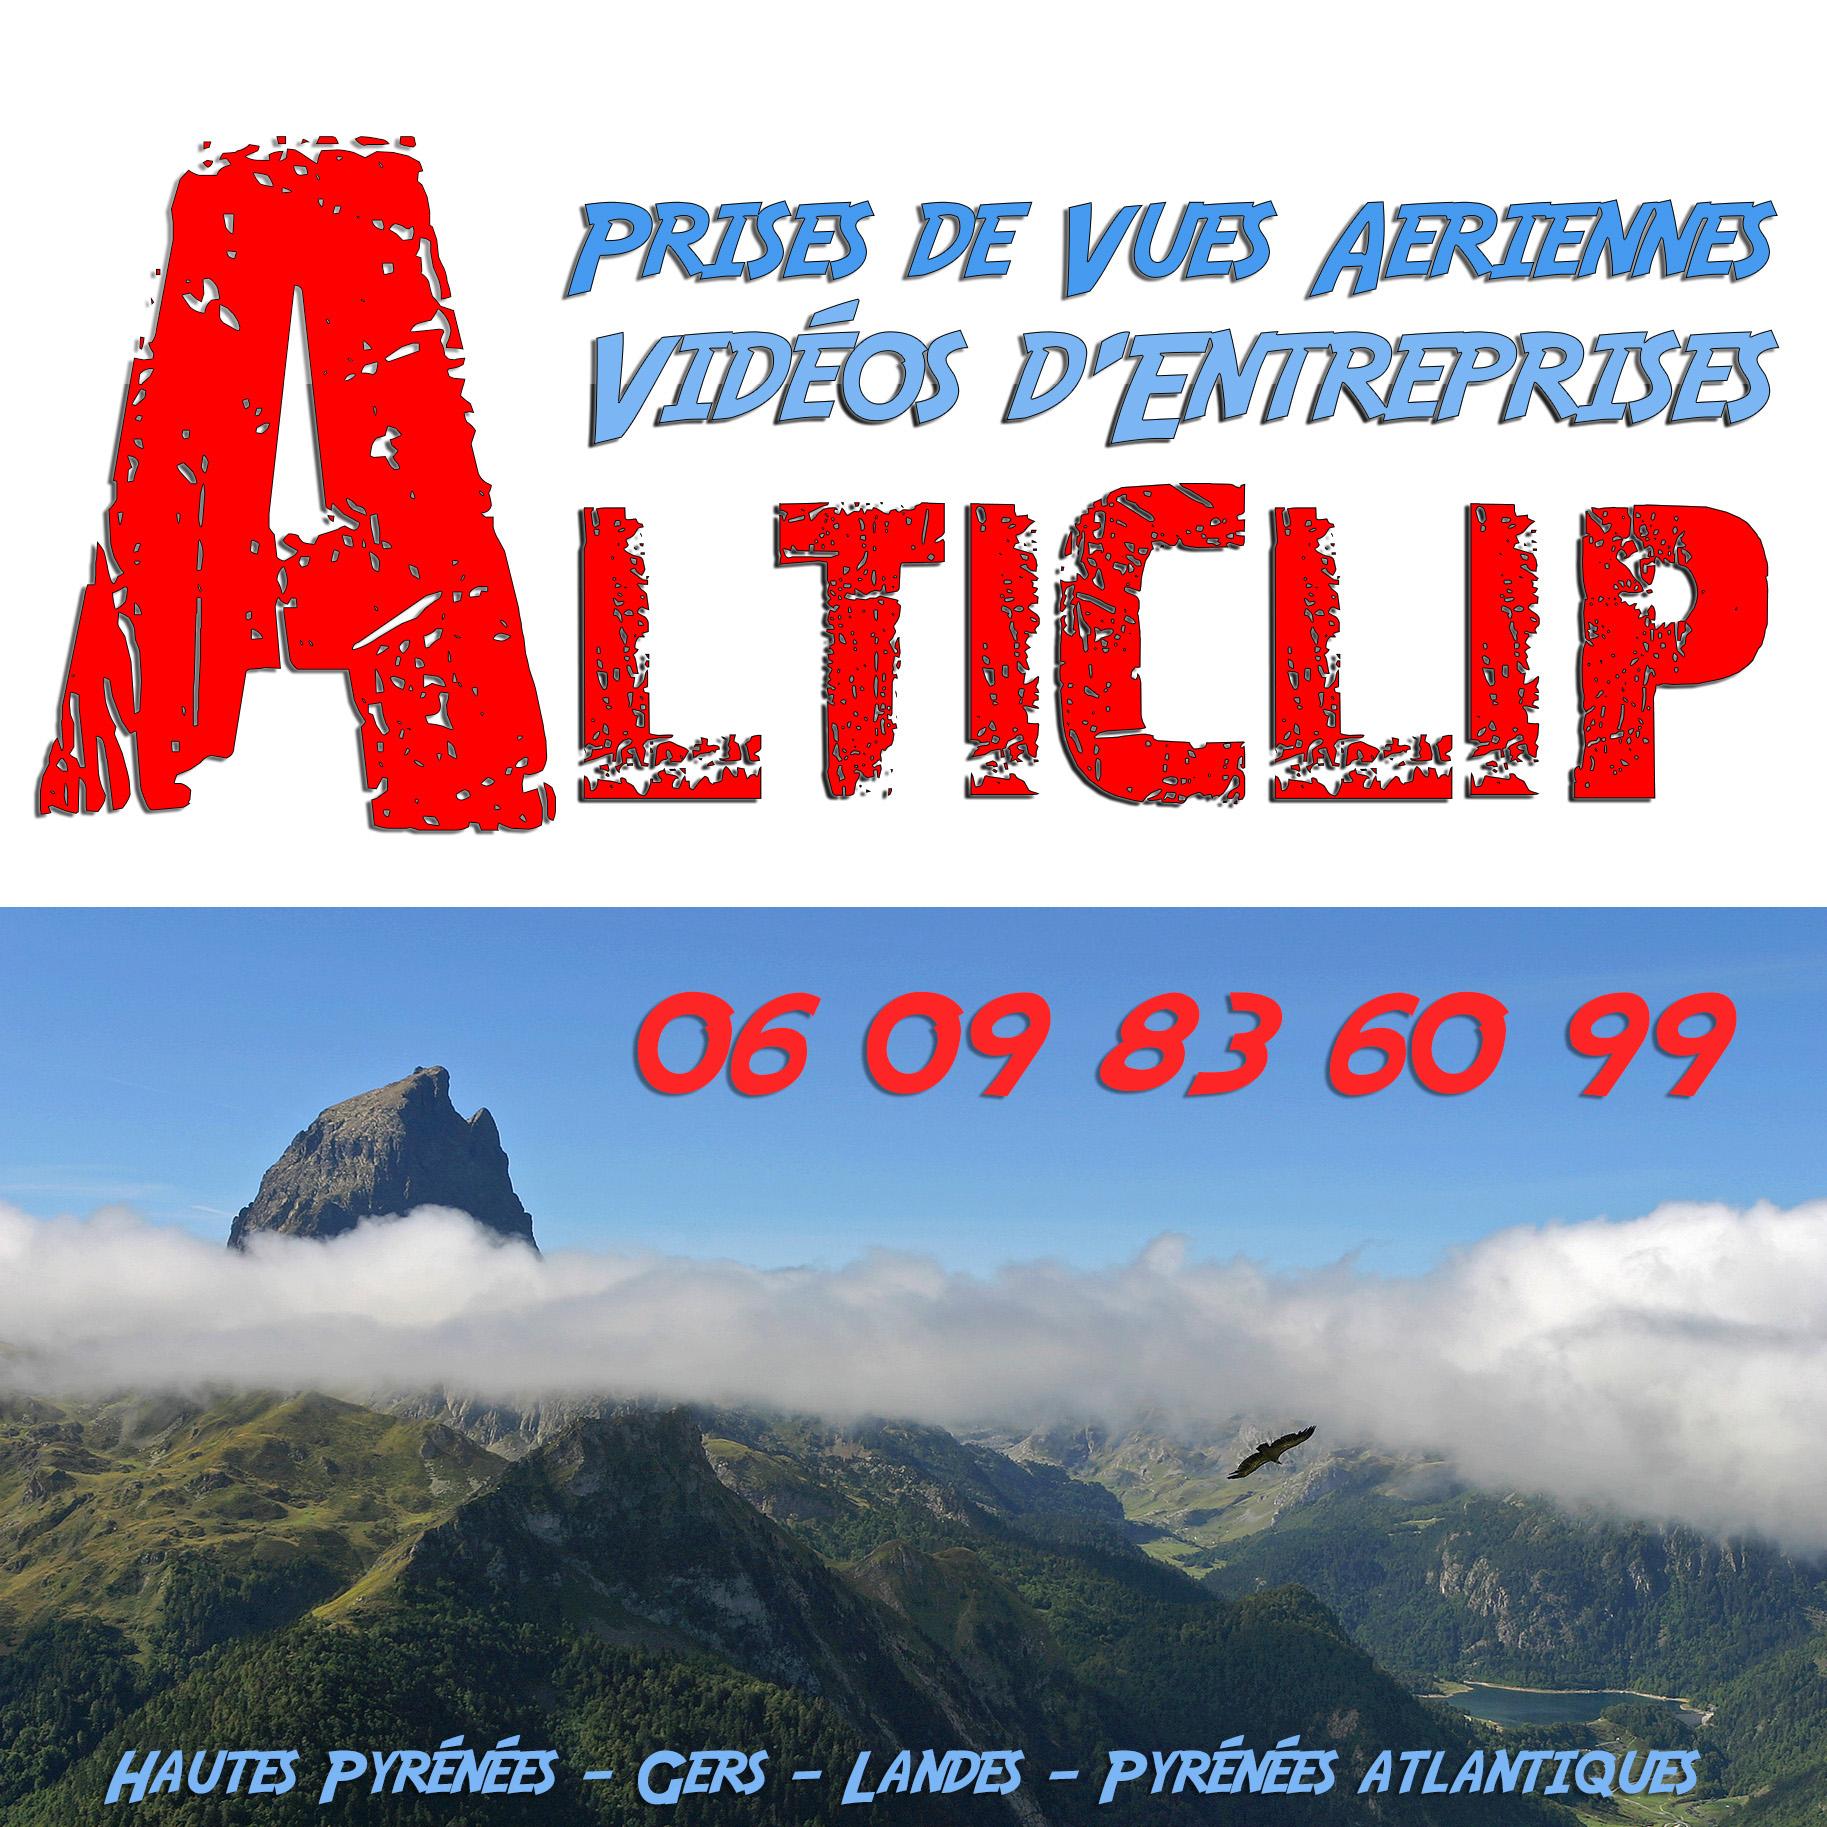 Photographie et video aerienne Gironde